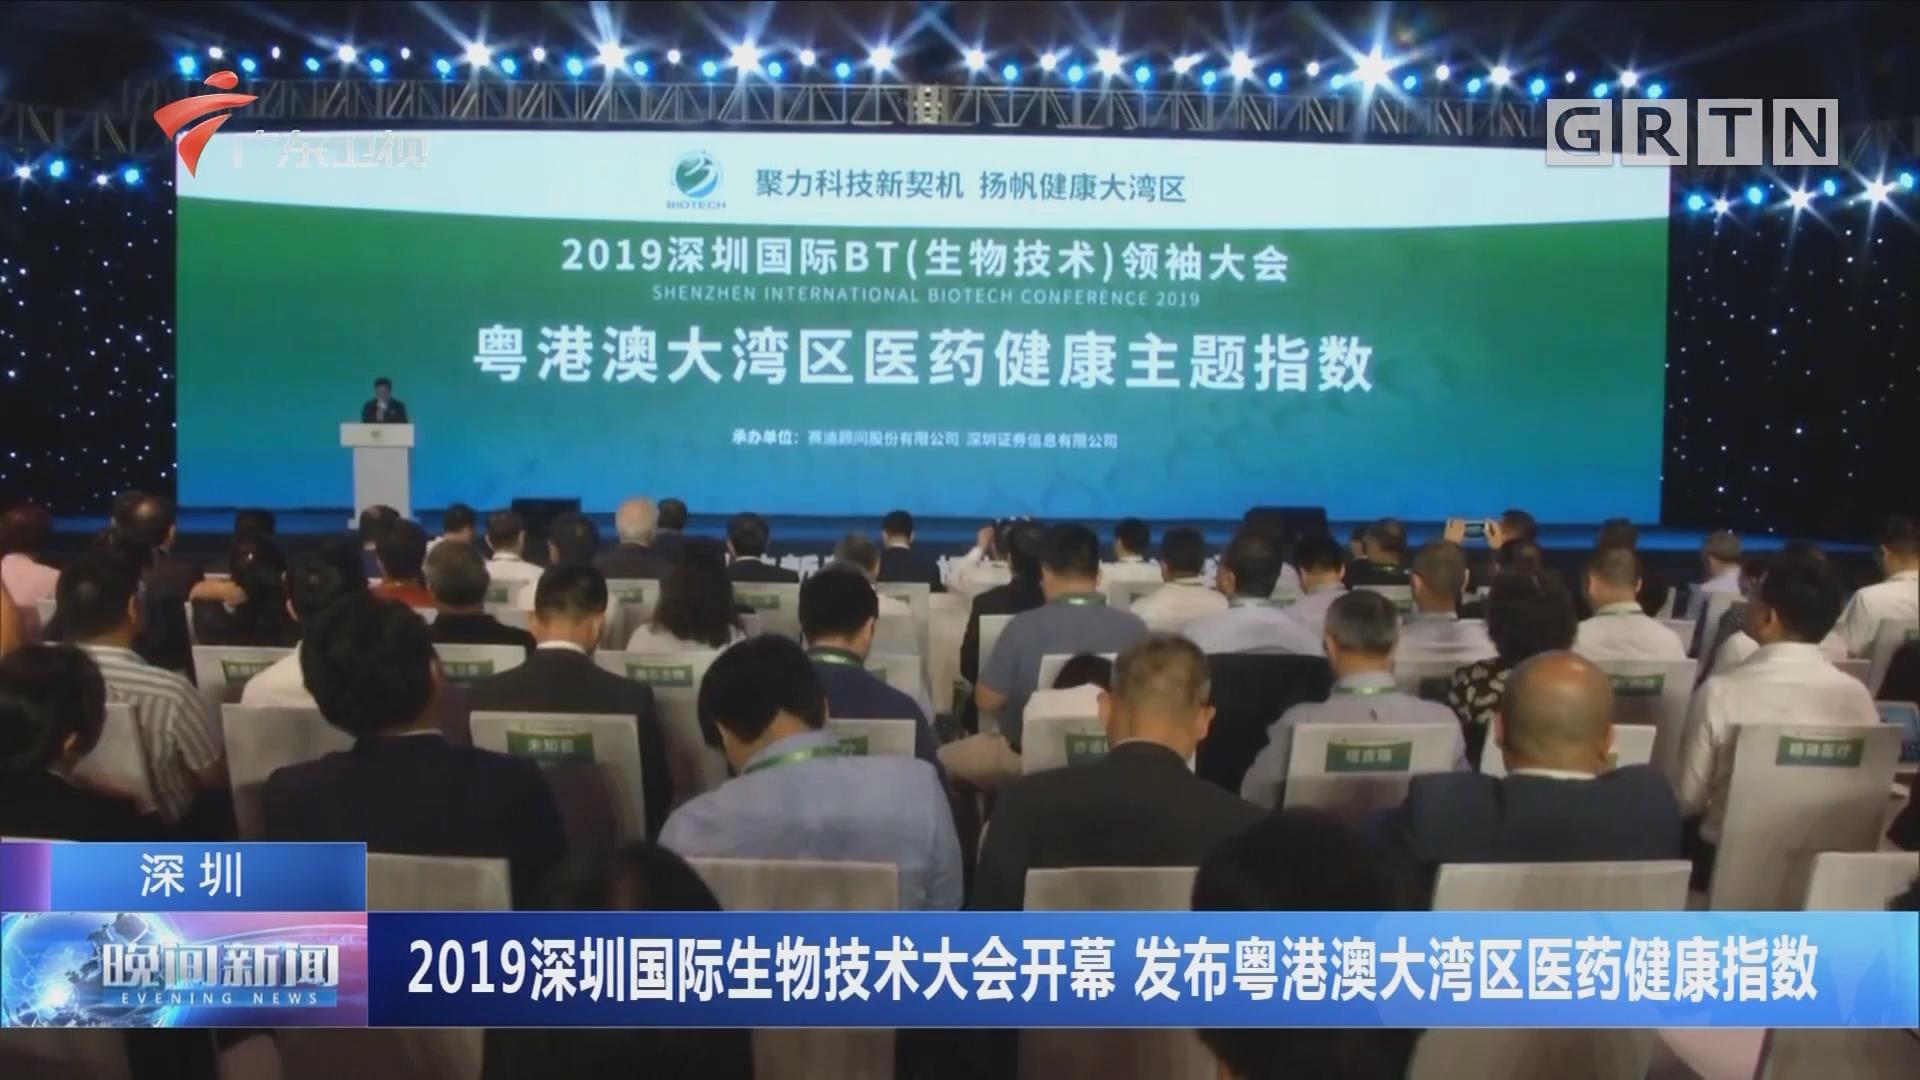 深圳:2019深圳国际生物技术大会开幕 发布粤港澳大湾区医药健康指数